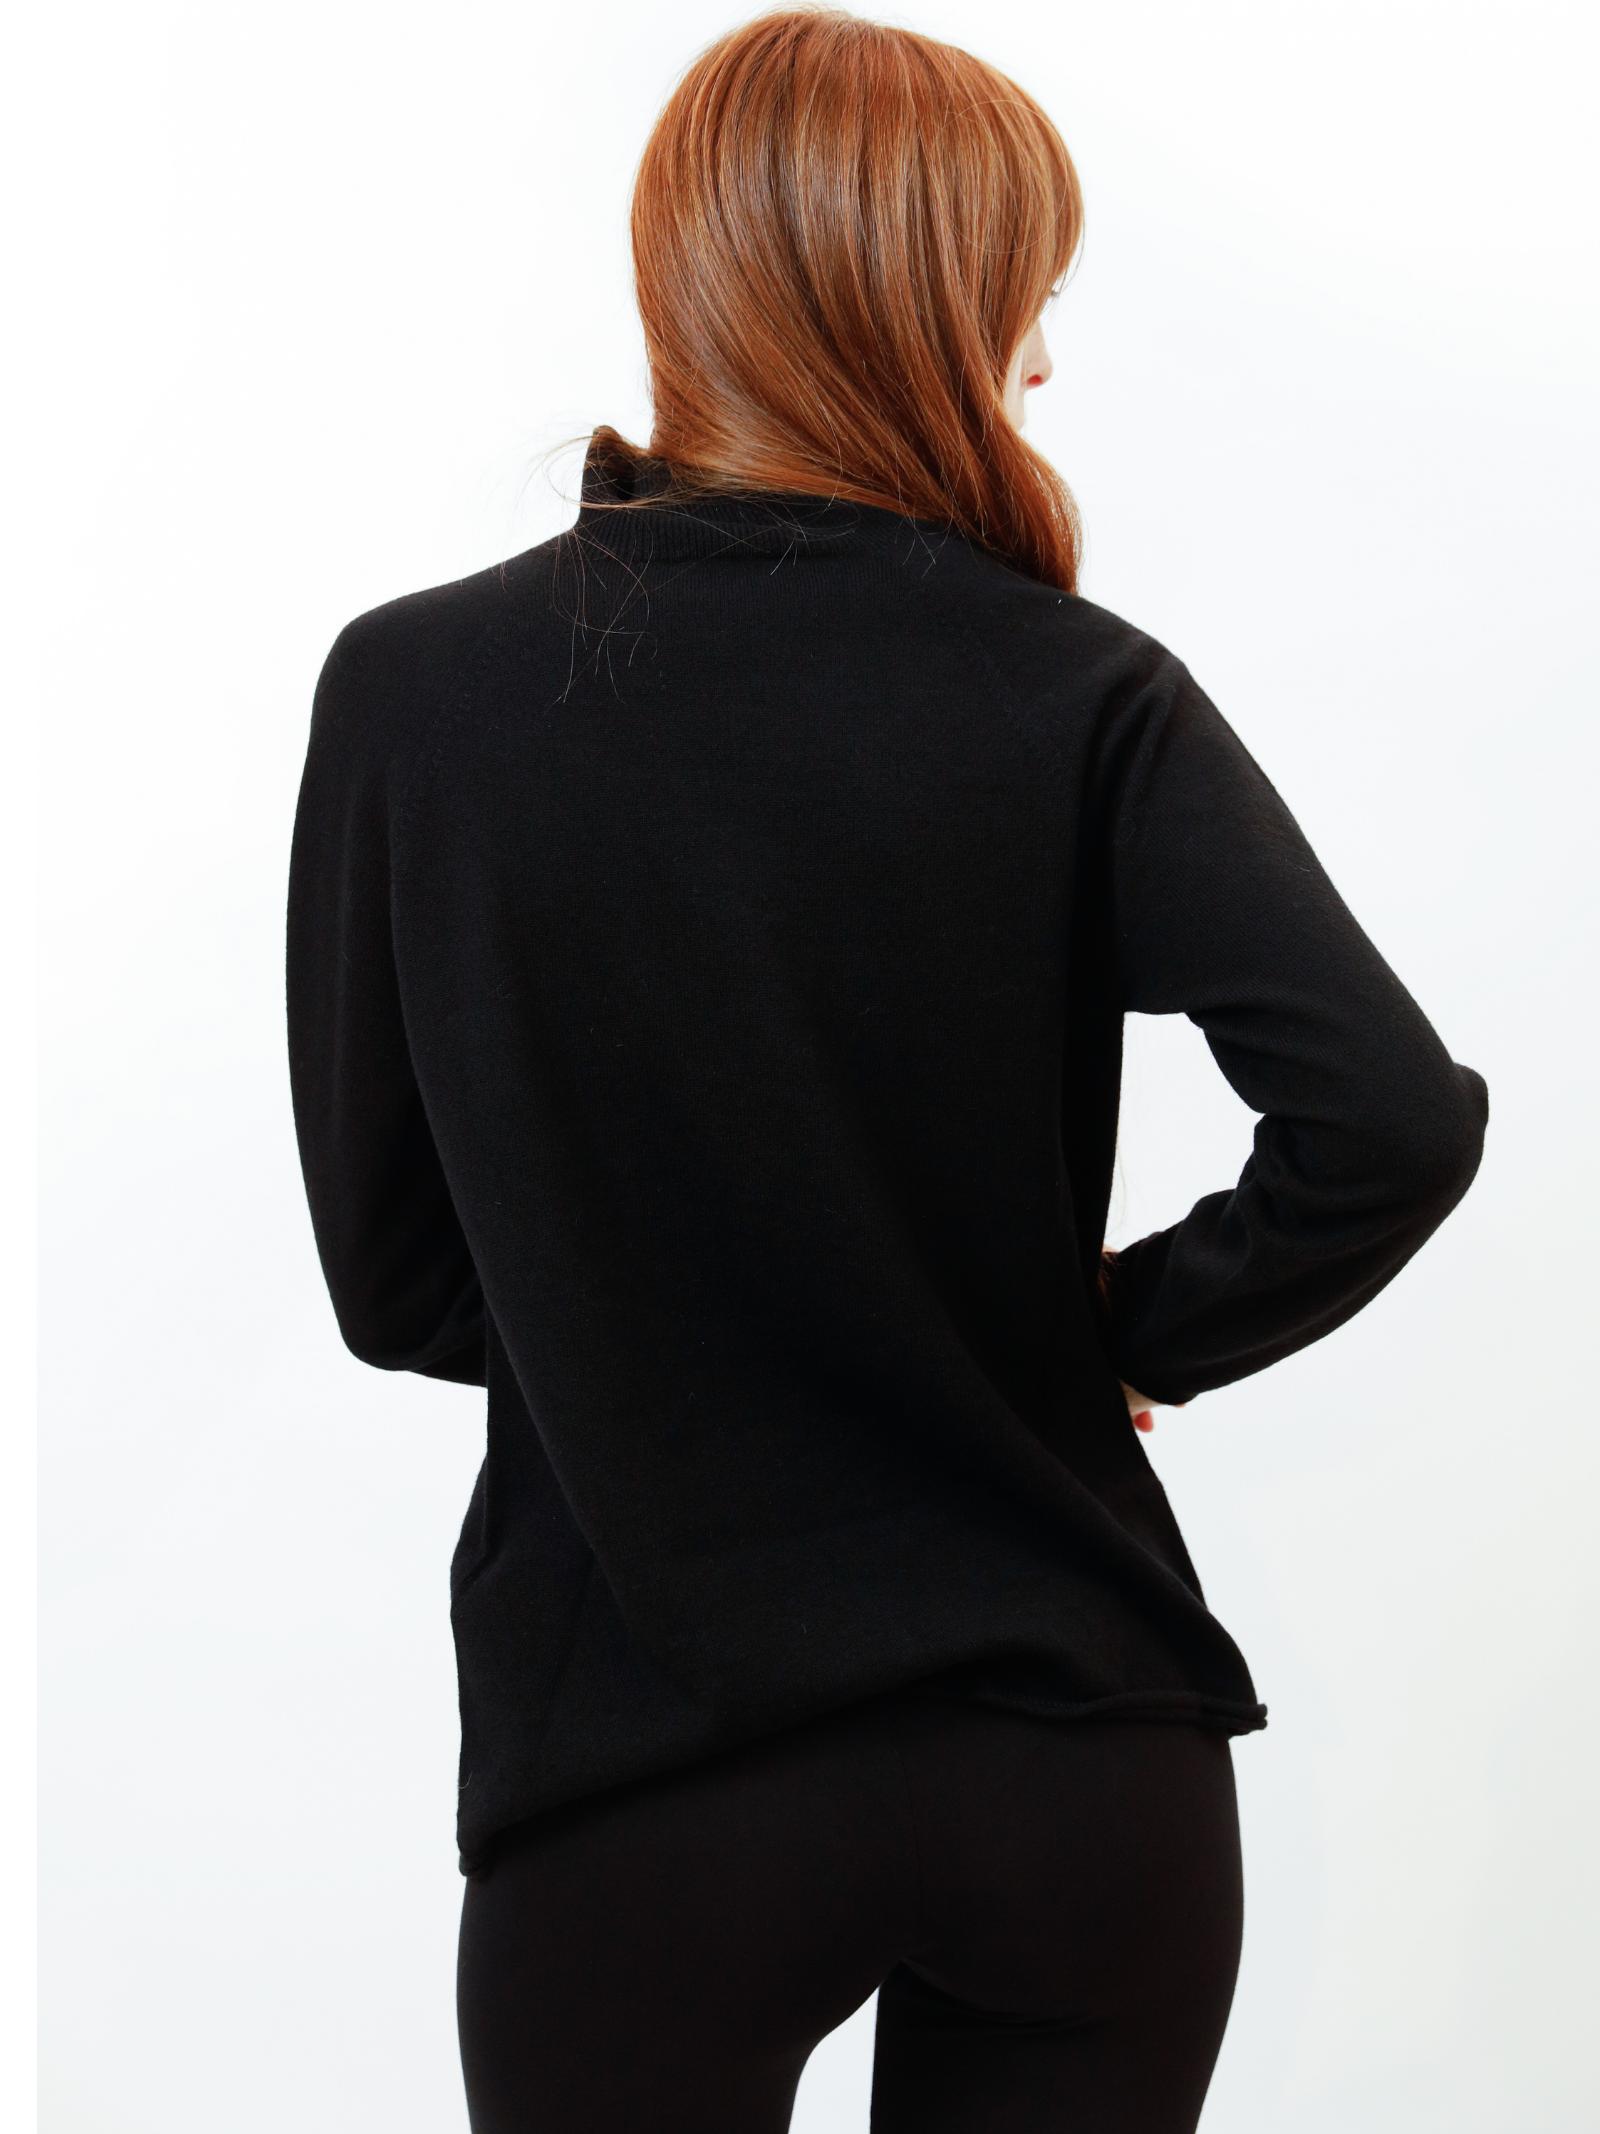 Women's Clothing Turtleneck Sweater in Black and Beige Wool & Cashmere Maliparmi | Knitwear | JQ48777425720000